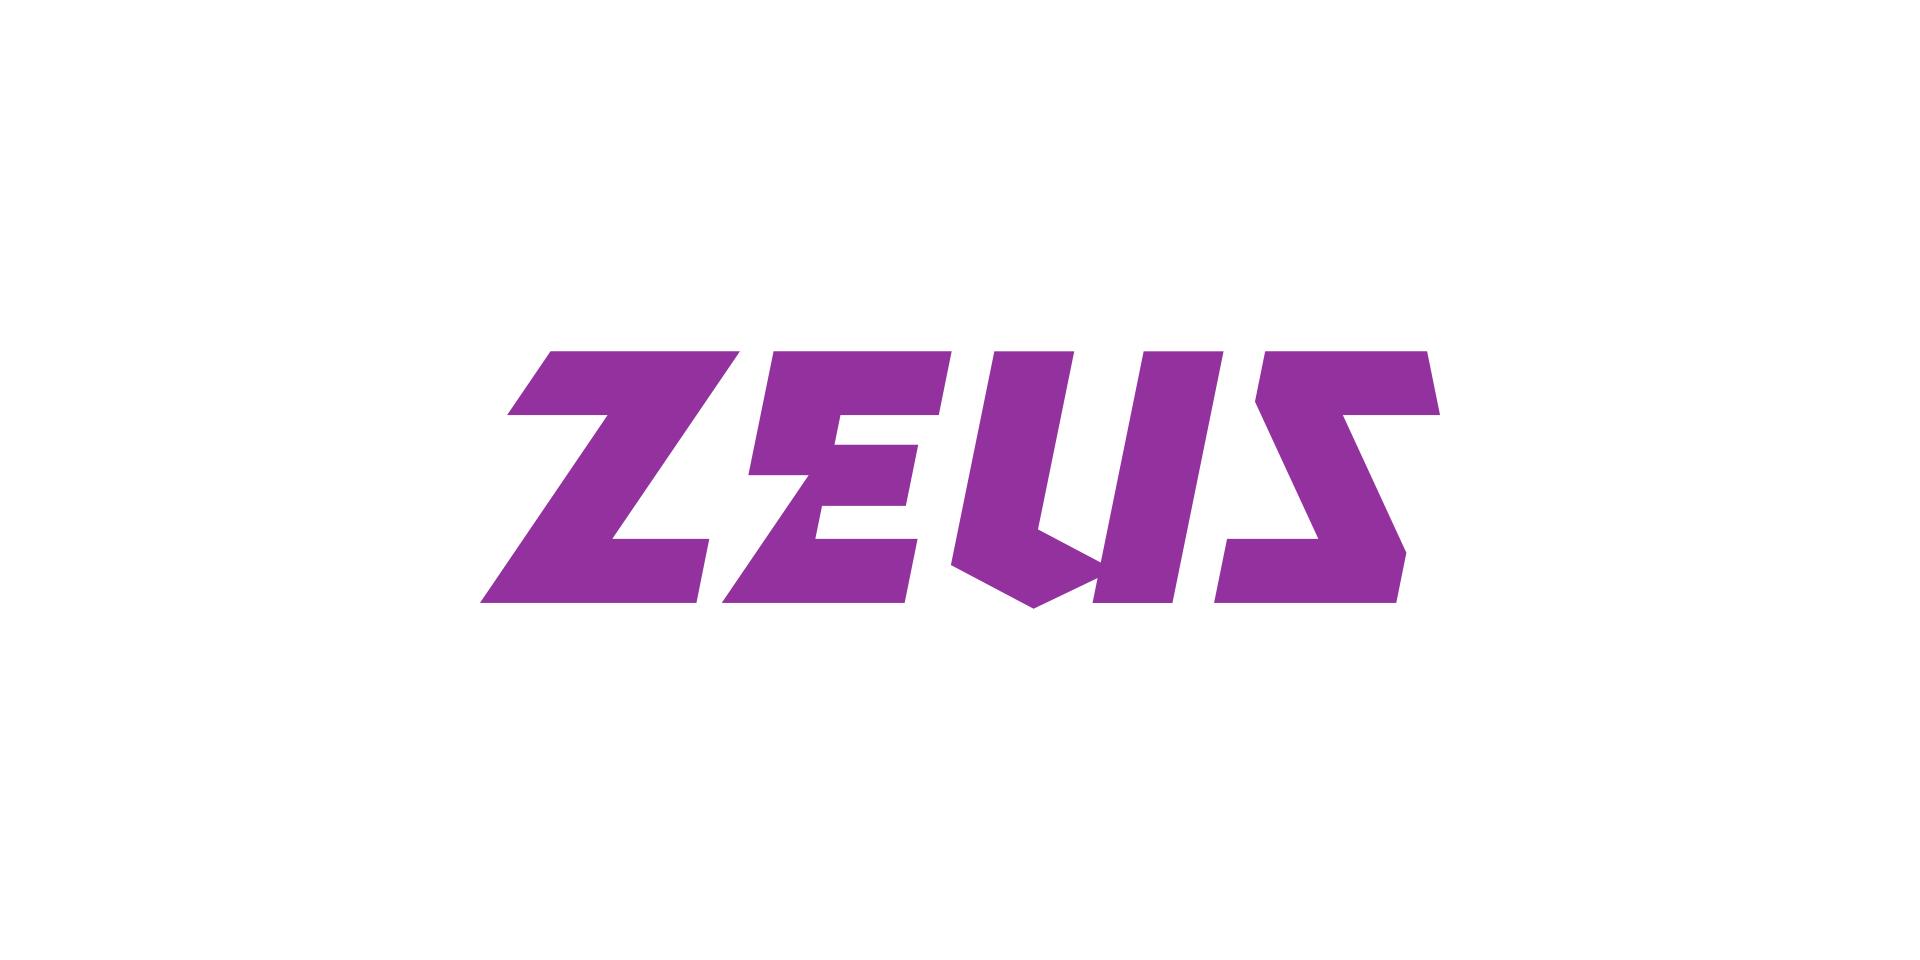 Zeus logo on white